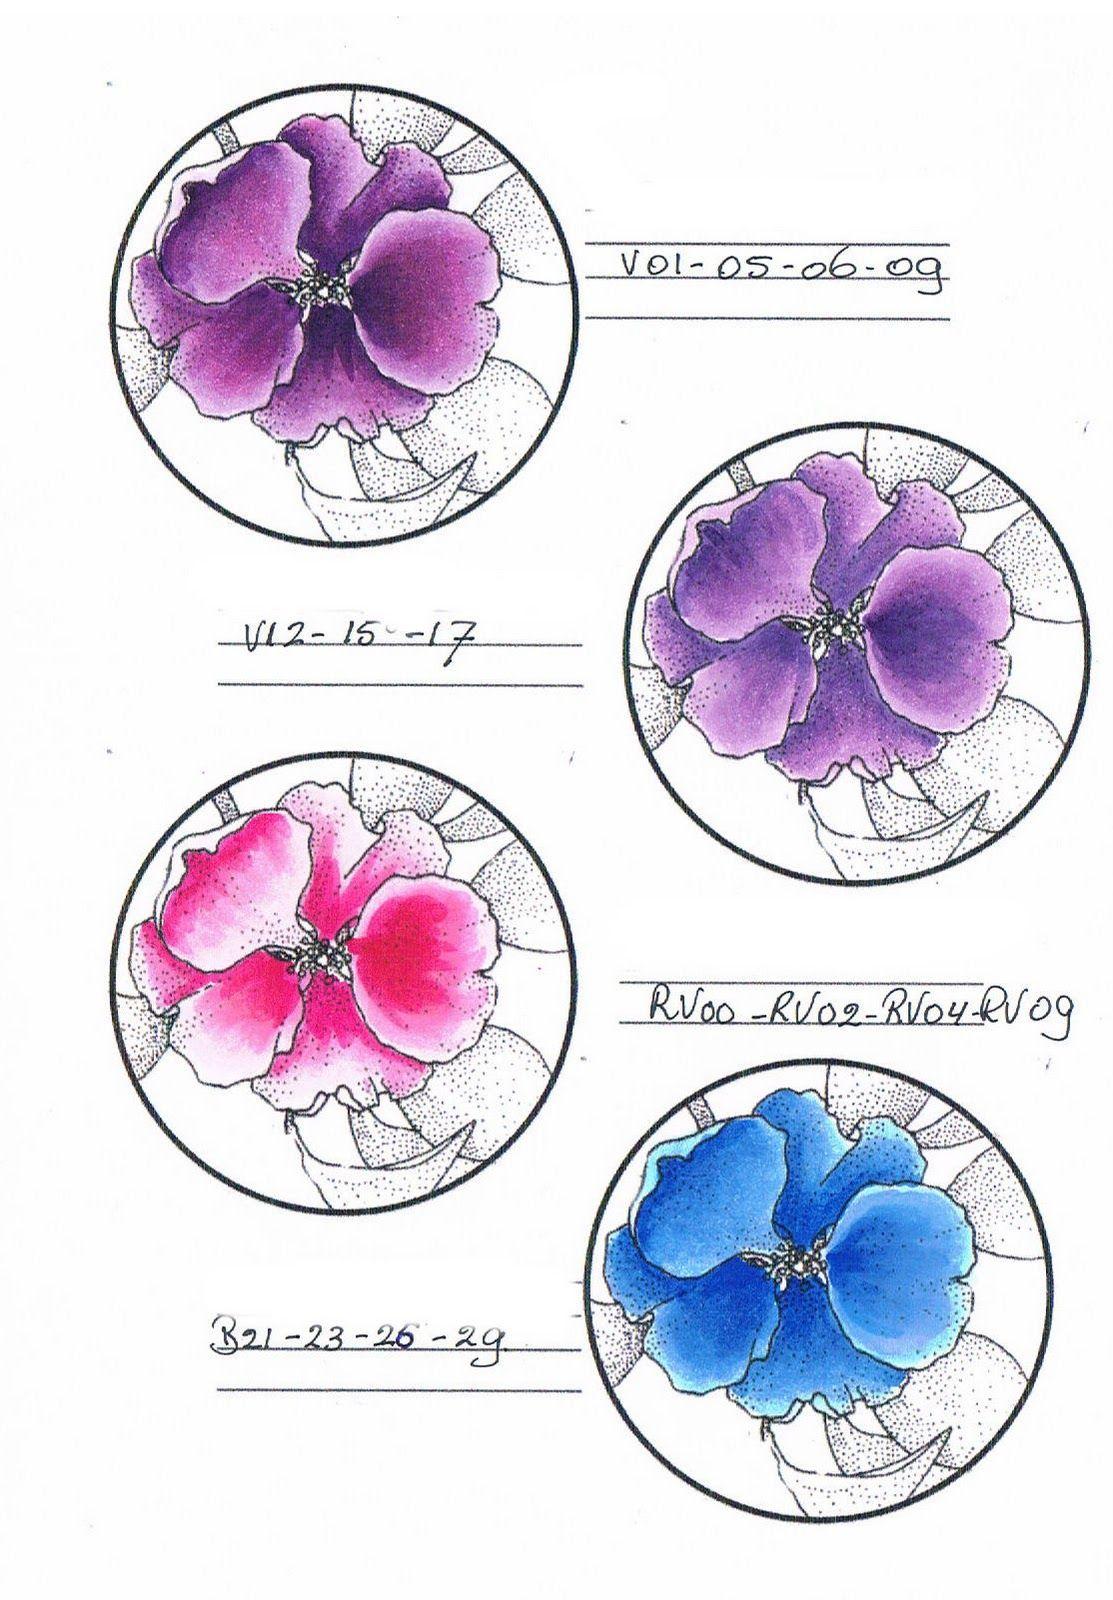 Pin de Jackie Slaughter en Flowers | Pinterest | Hada, Acuarela y ...